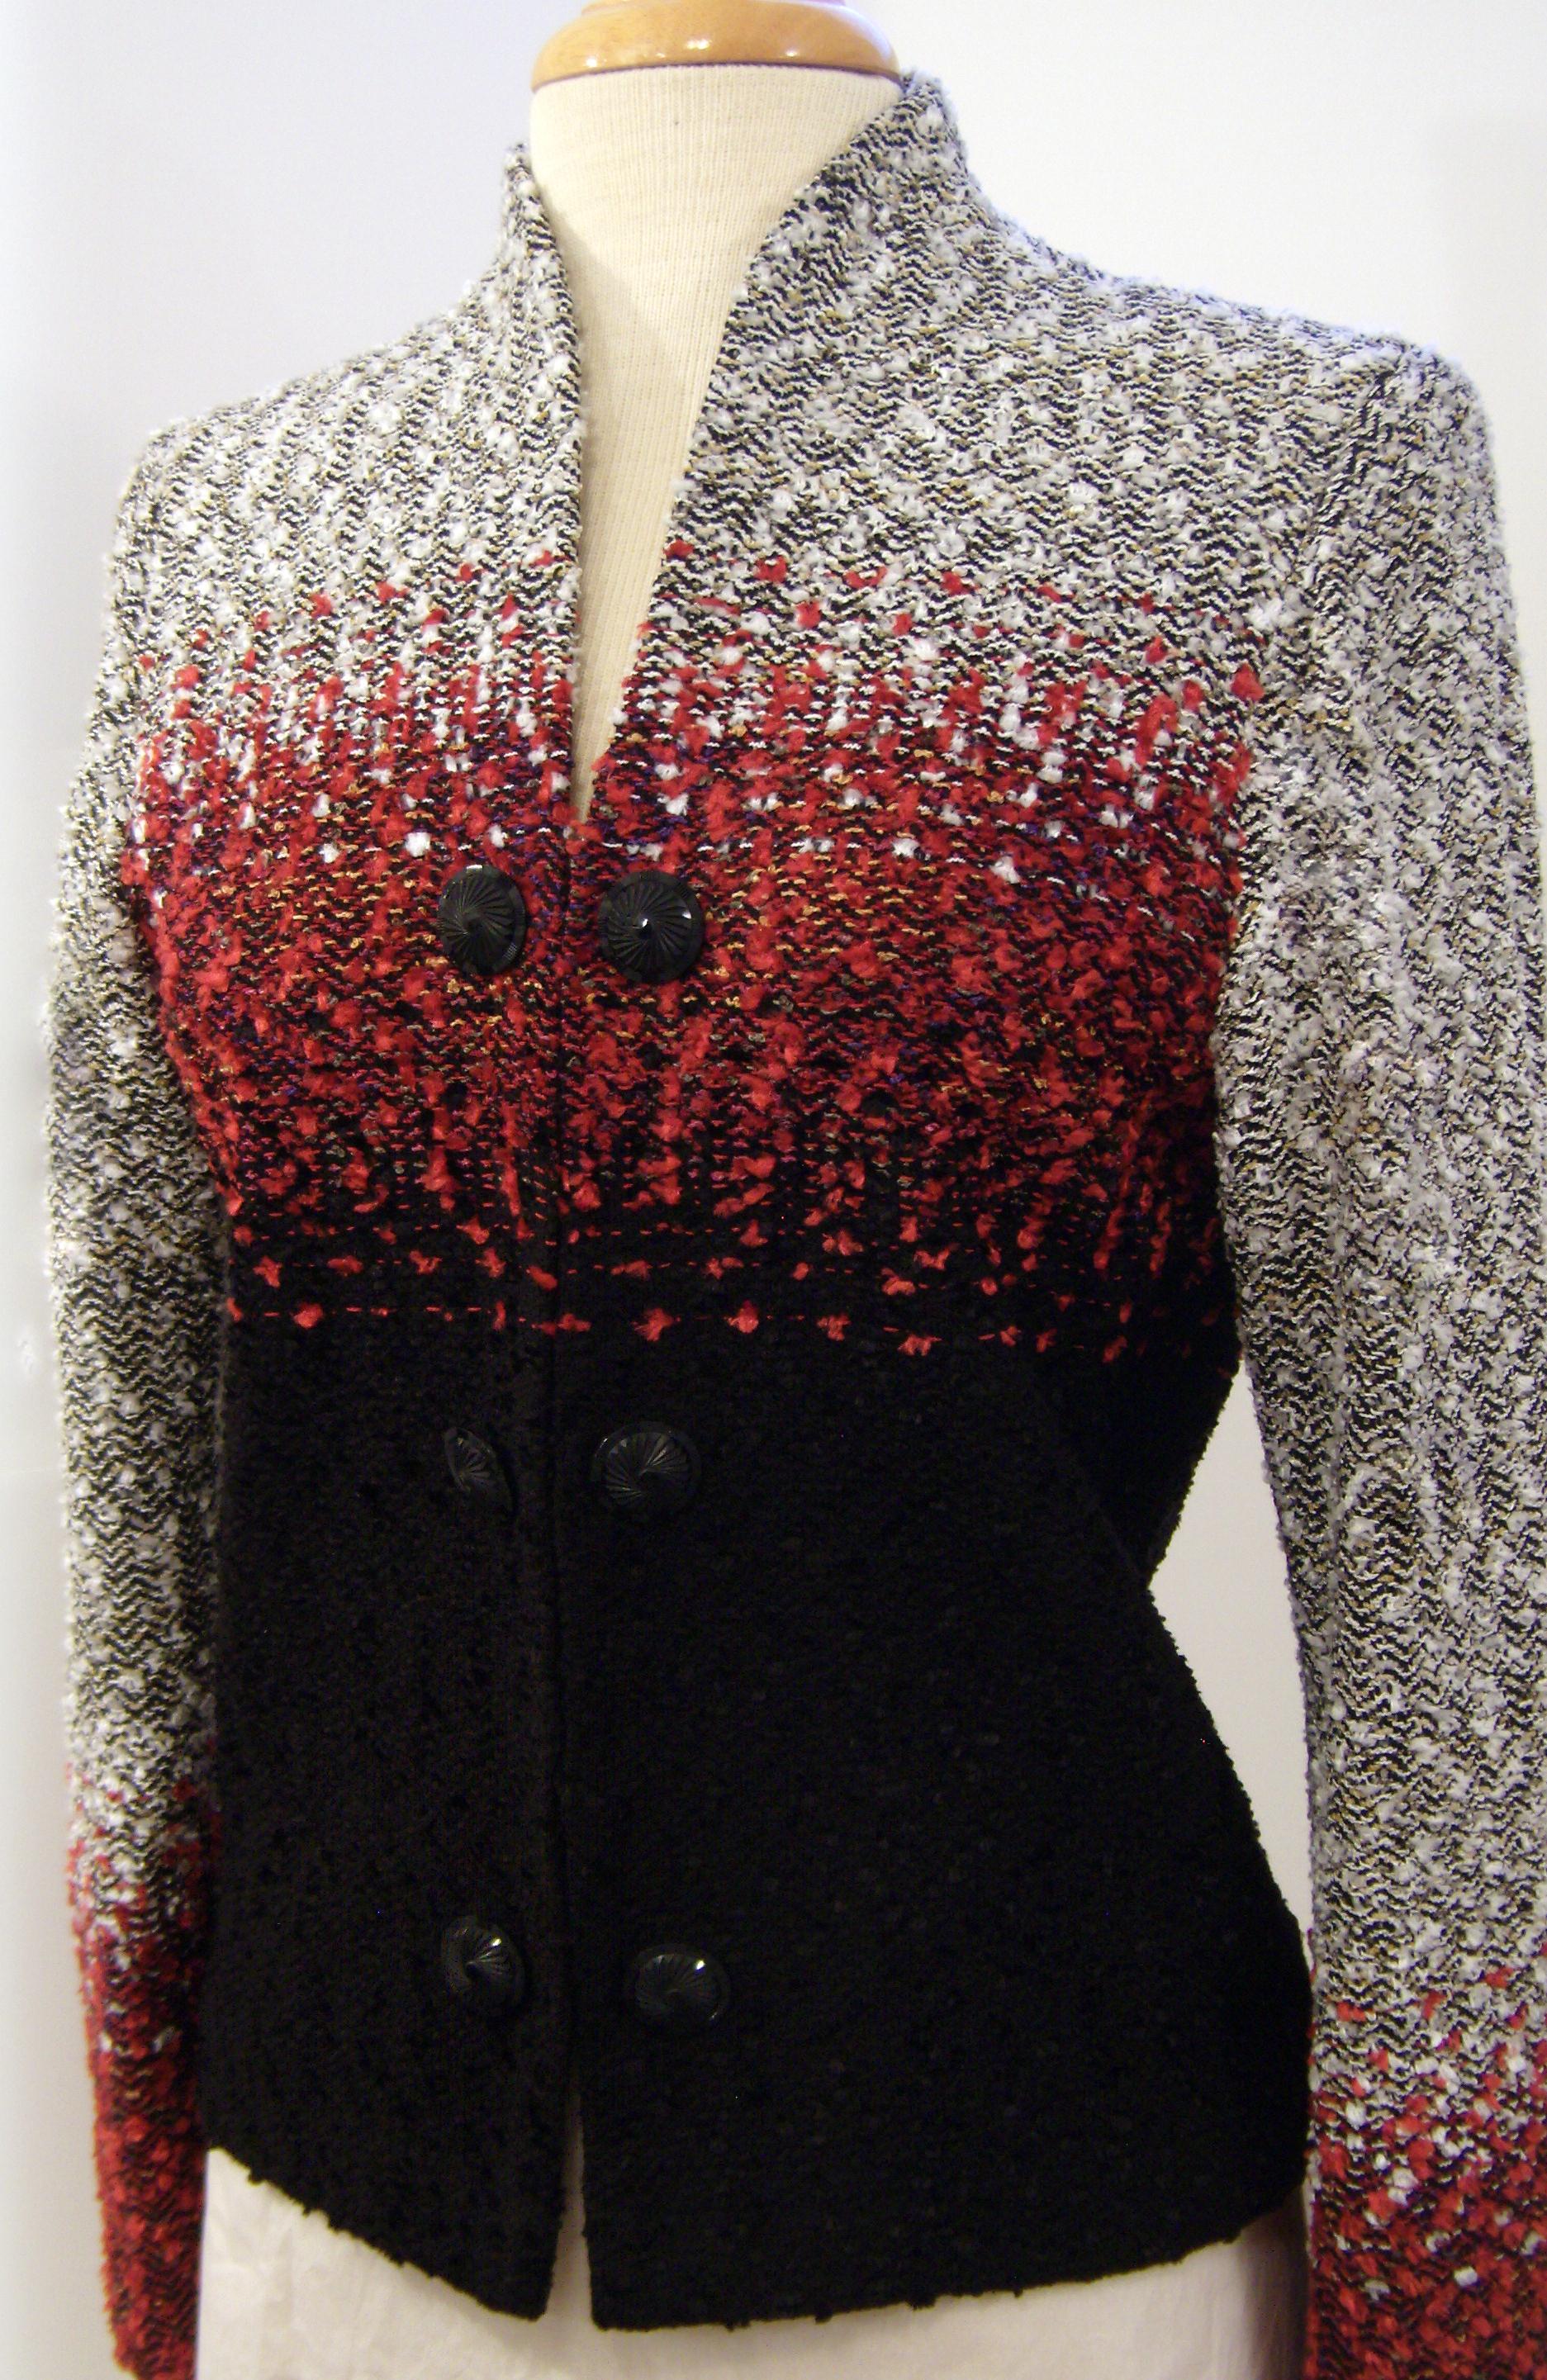 Hand Woven Jacket, Kathleen Weir-West, Fiber Art 10.JPG